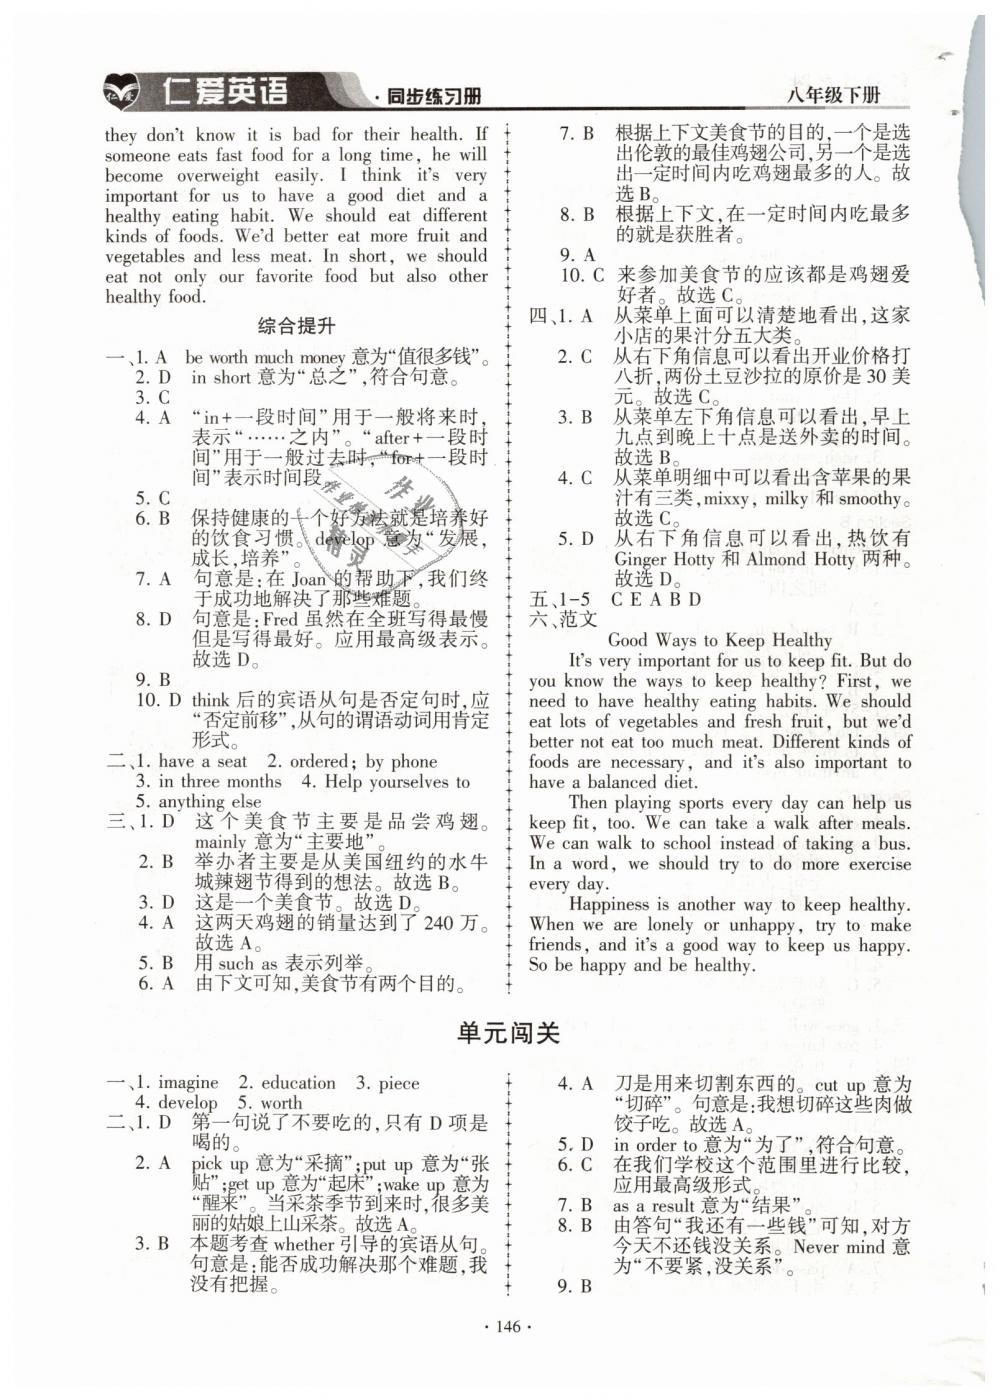 2019年仁爱英语同步练习册八年级英语下册第21页